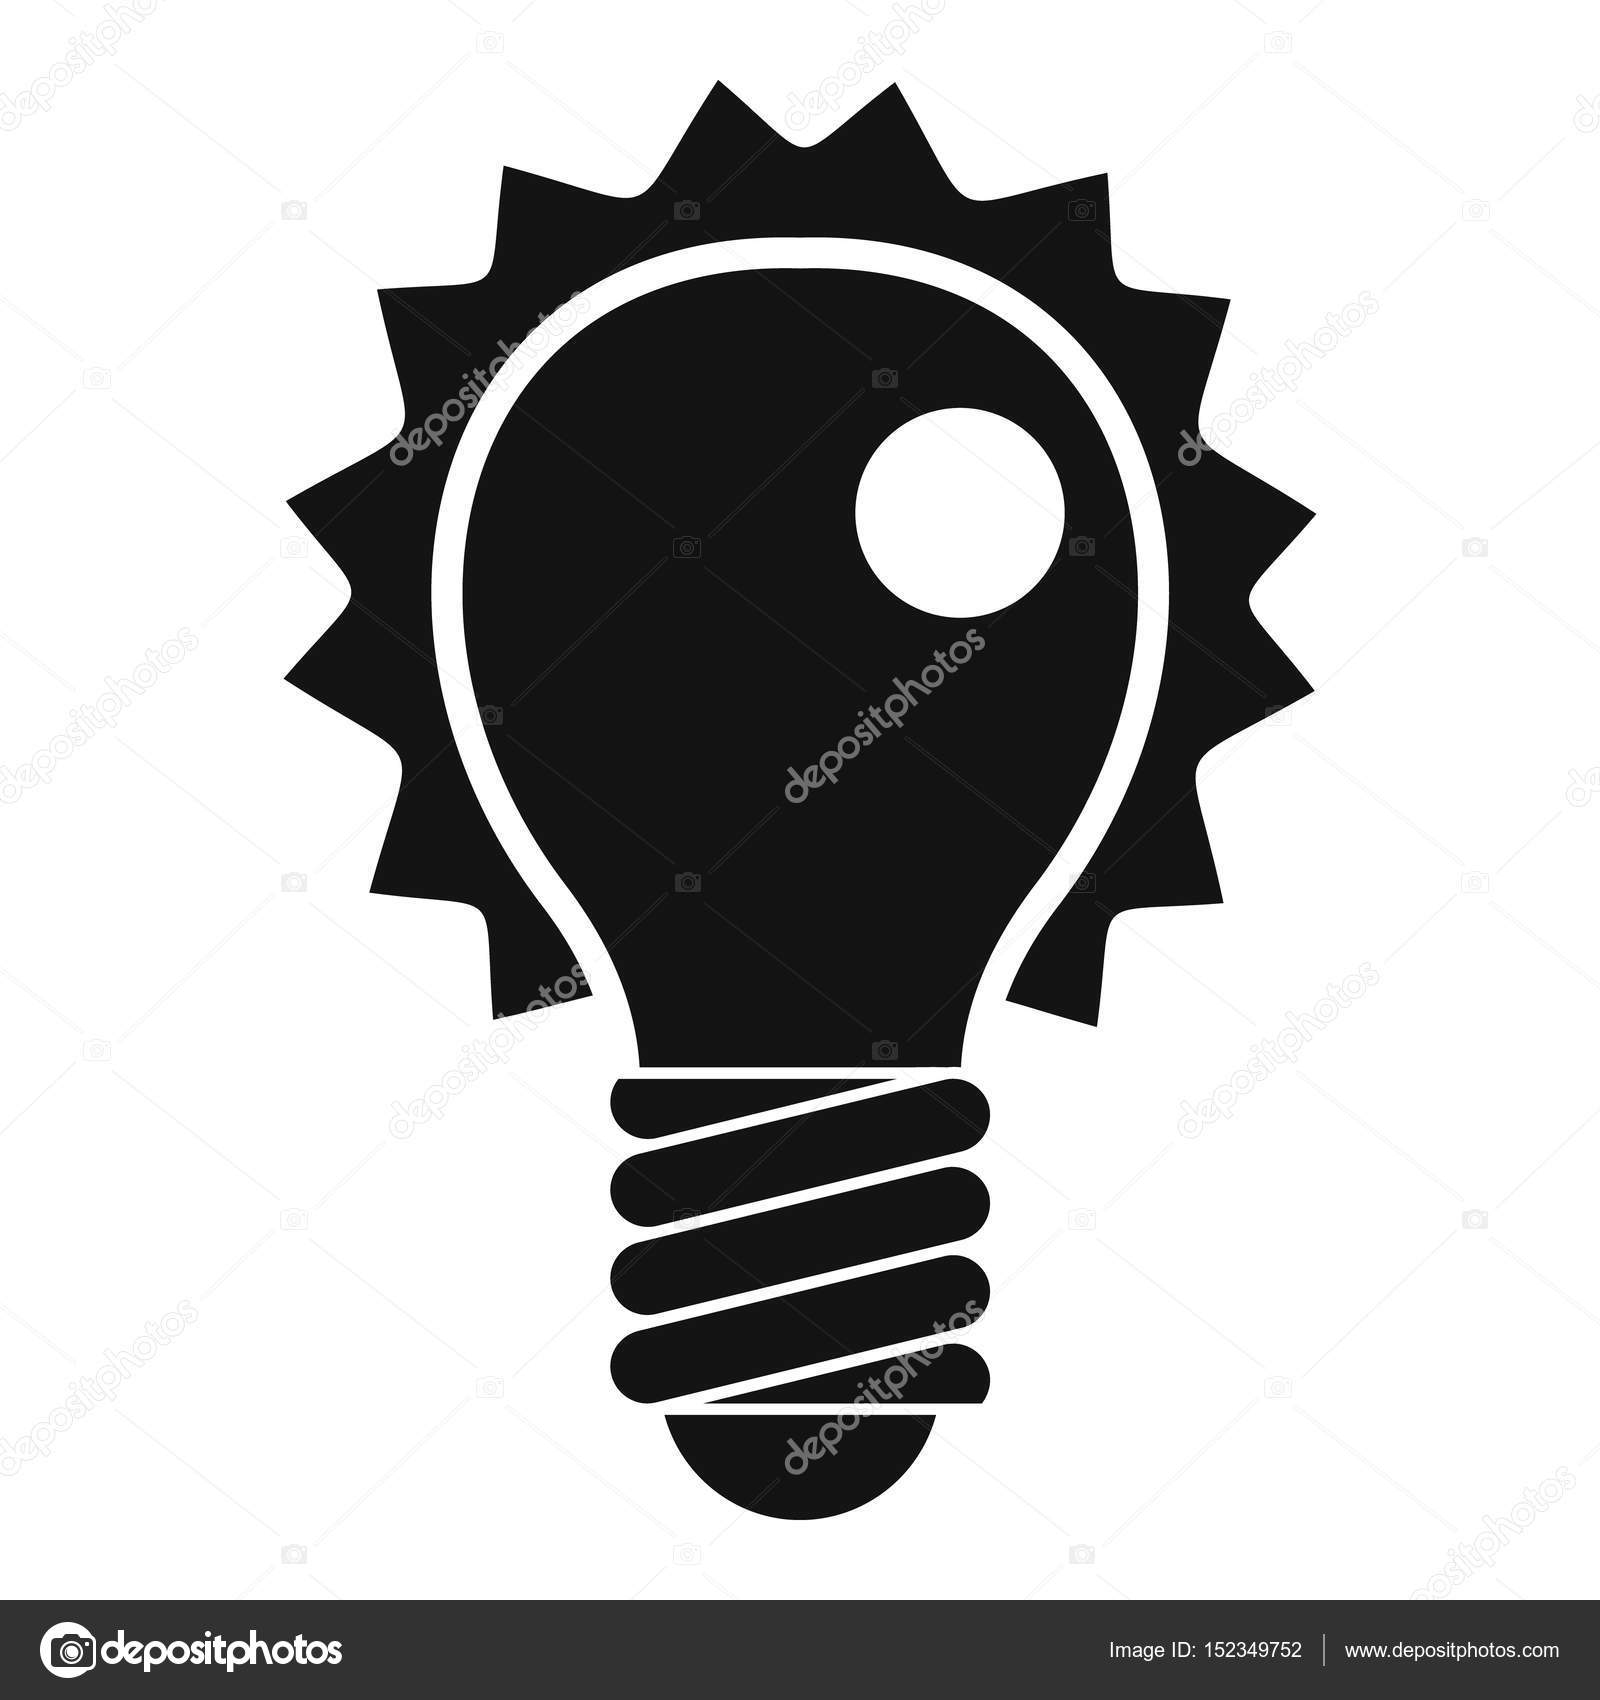 Berühmt Elektrische Symbole Für Hausverkabelung Bilder - Elektrische ...